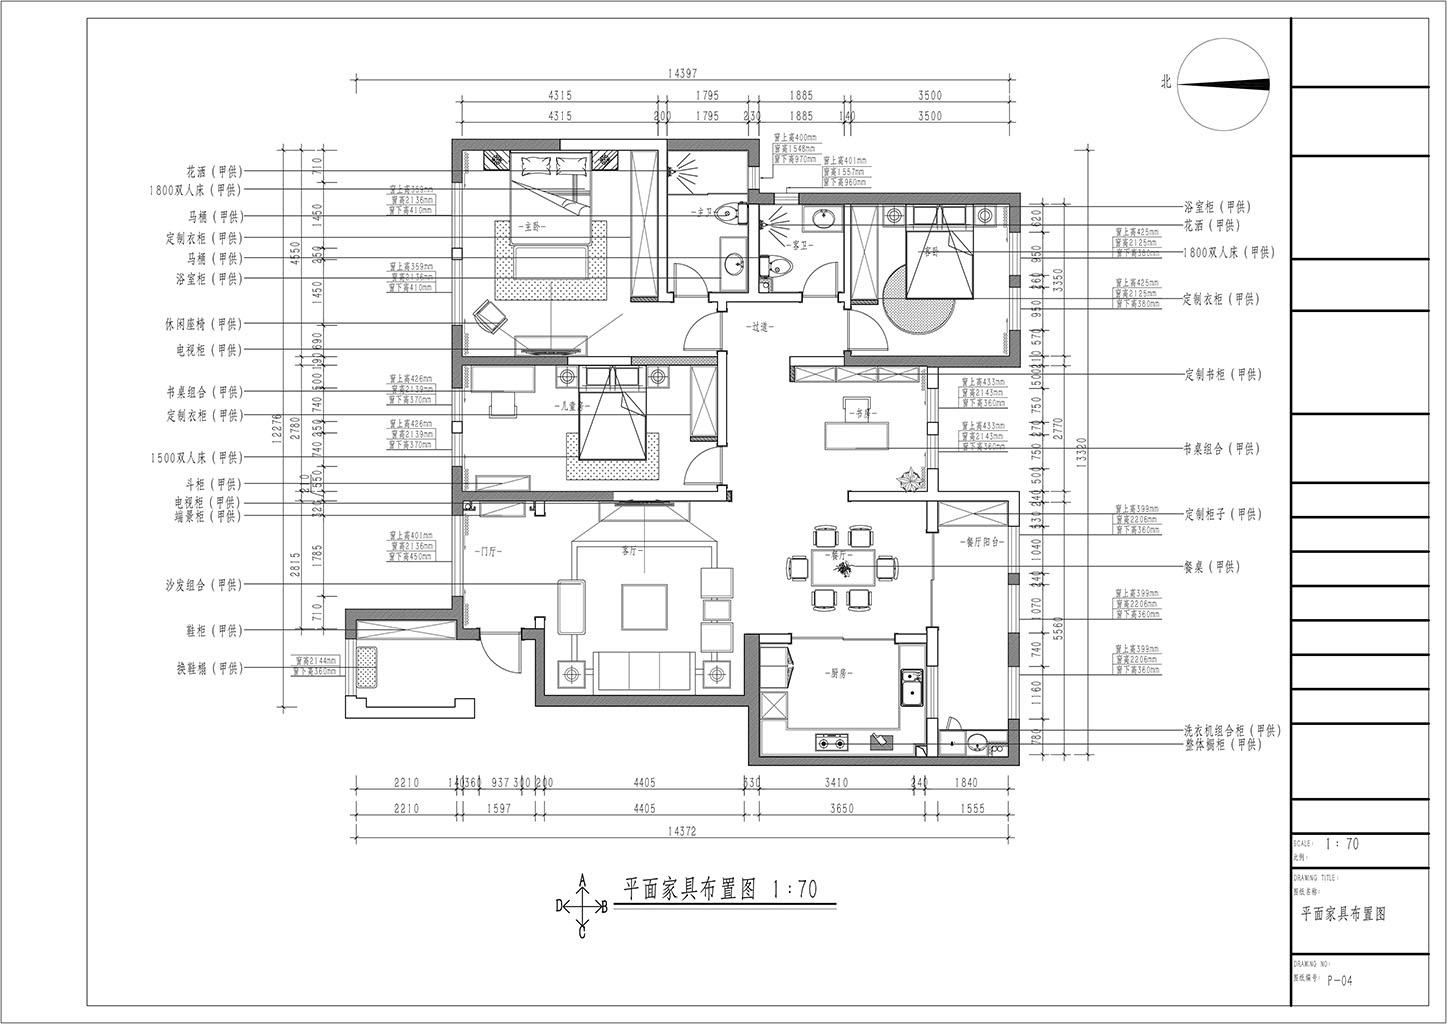 丽彩溪岸庄园 新中式装修效果图 147㎡ 四室二厅装修设计理念